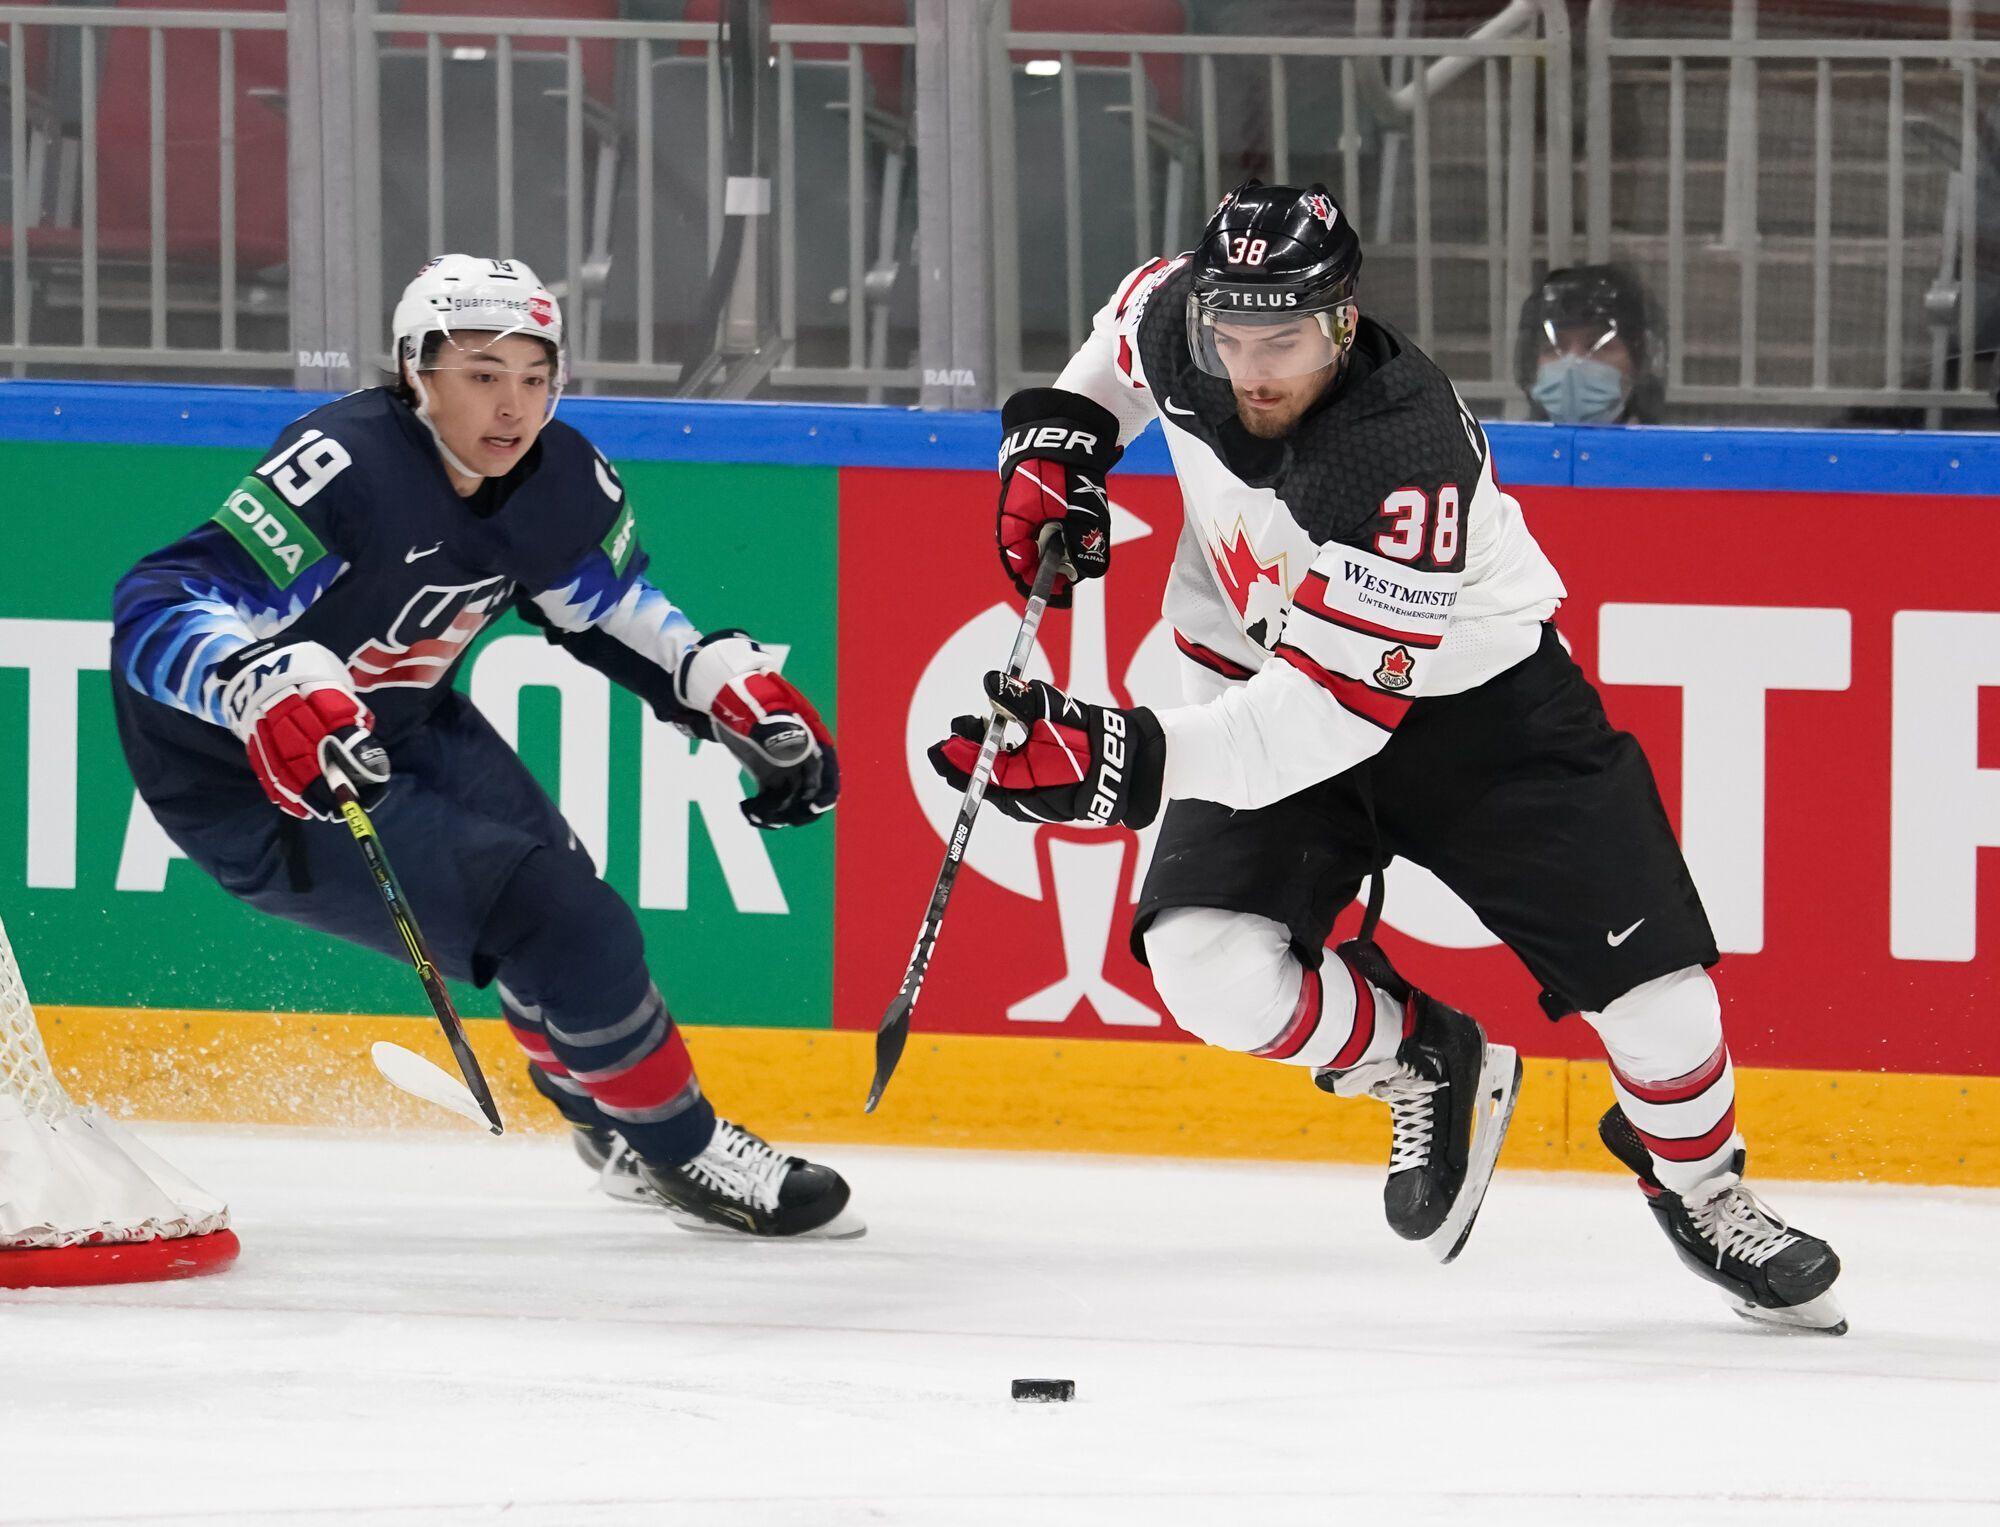 Канадцы выиграли североамериканское дерби.